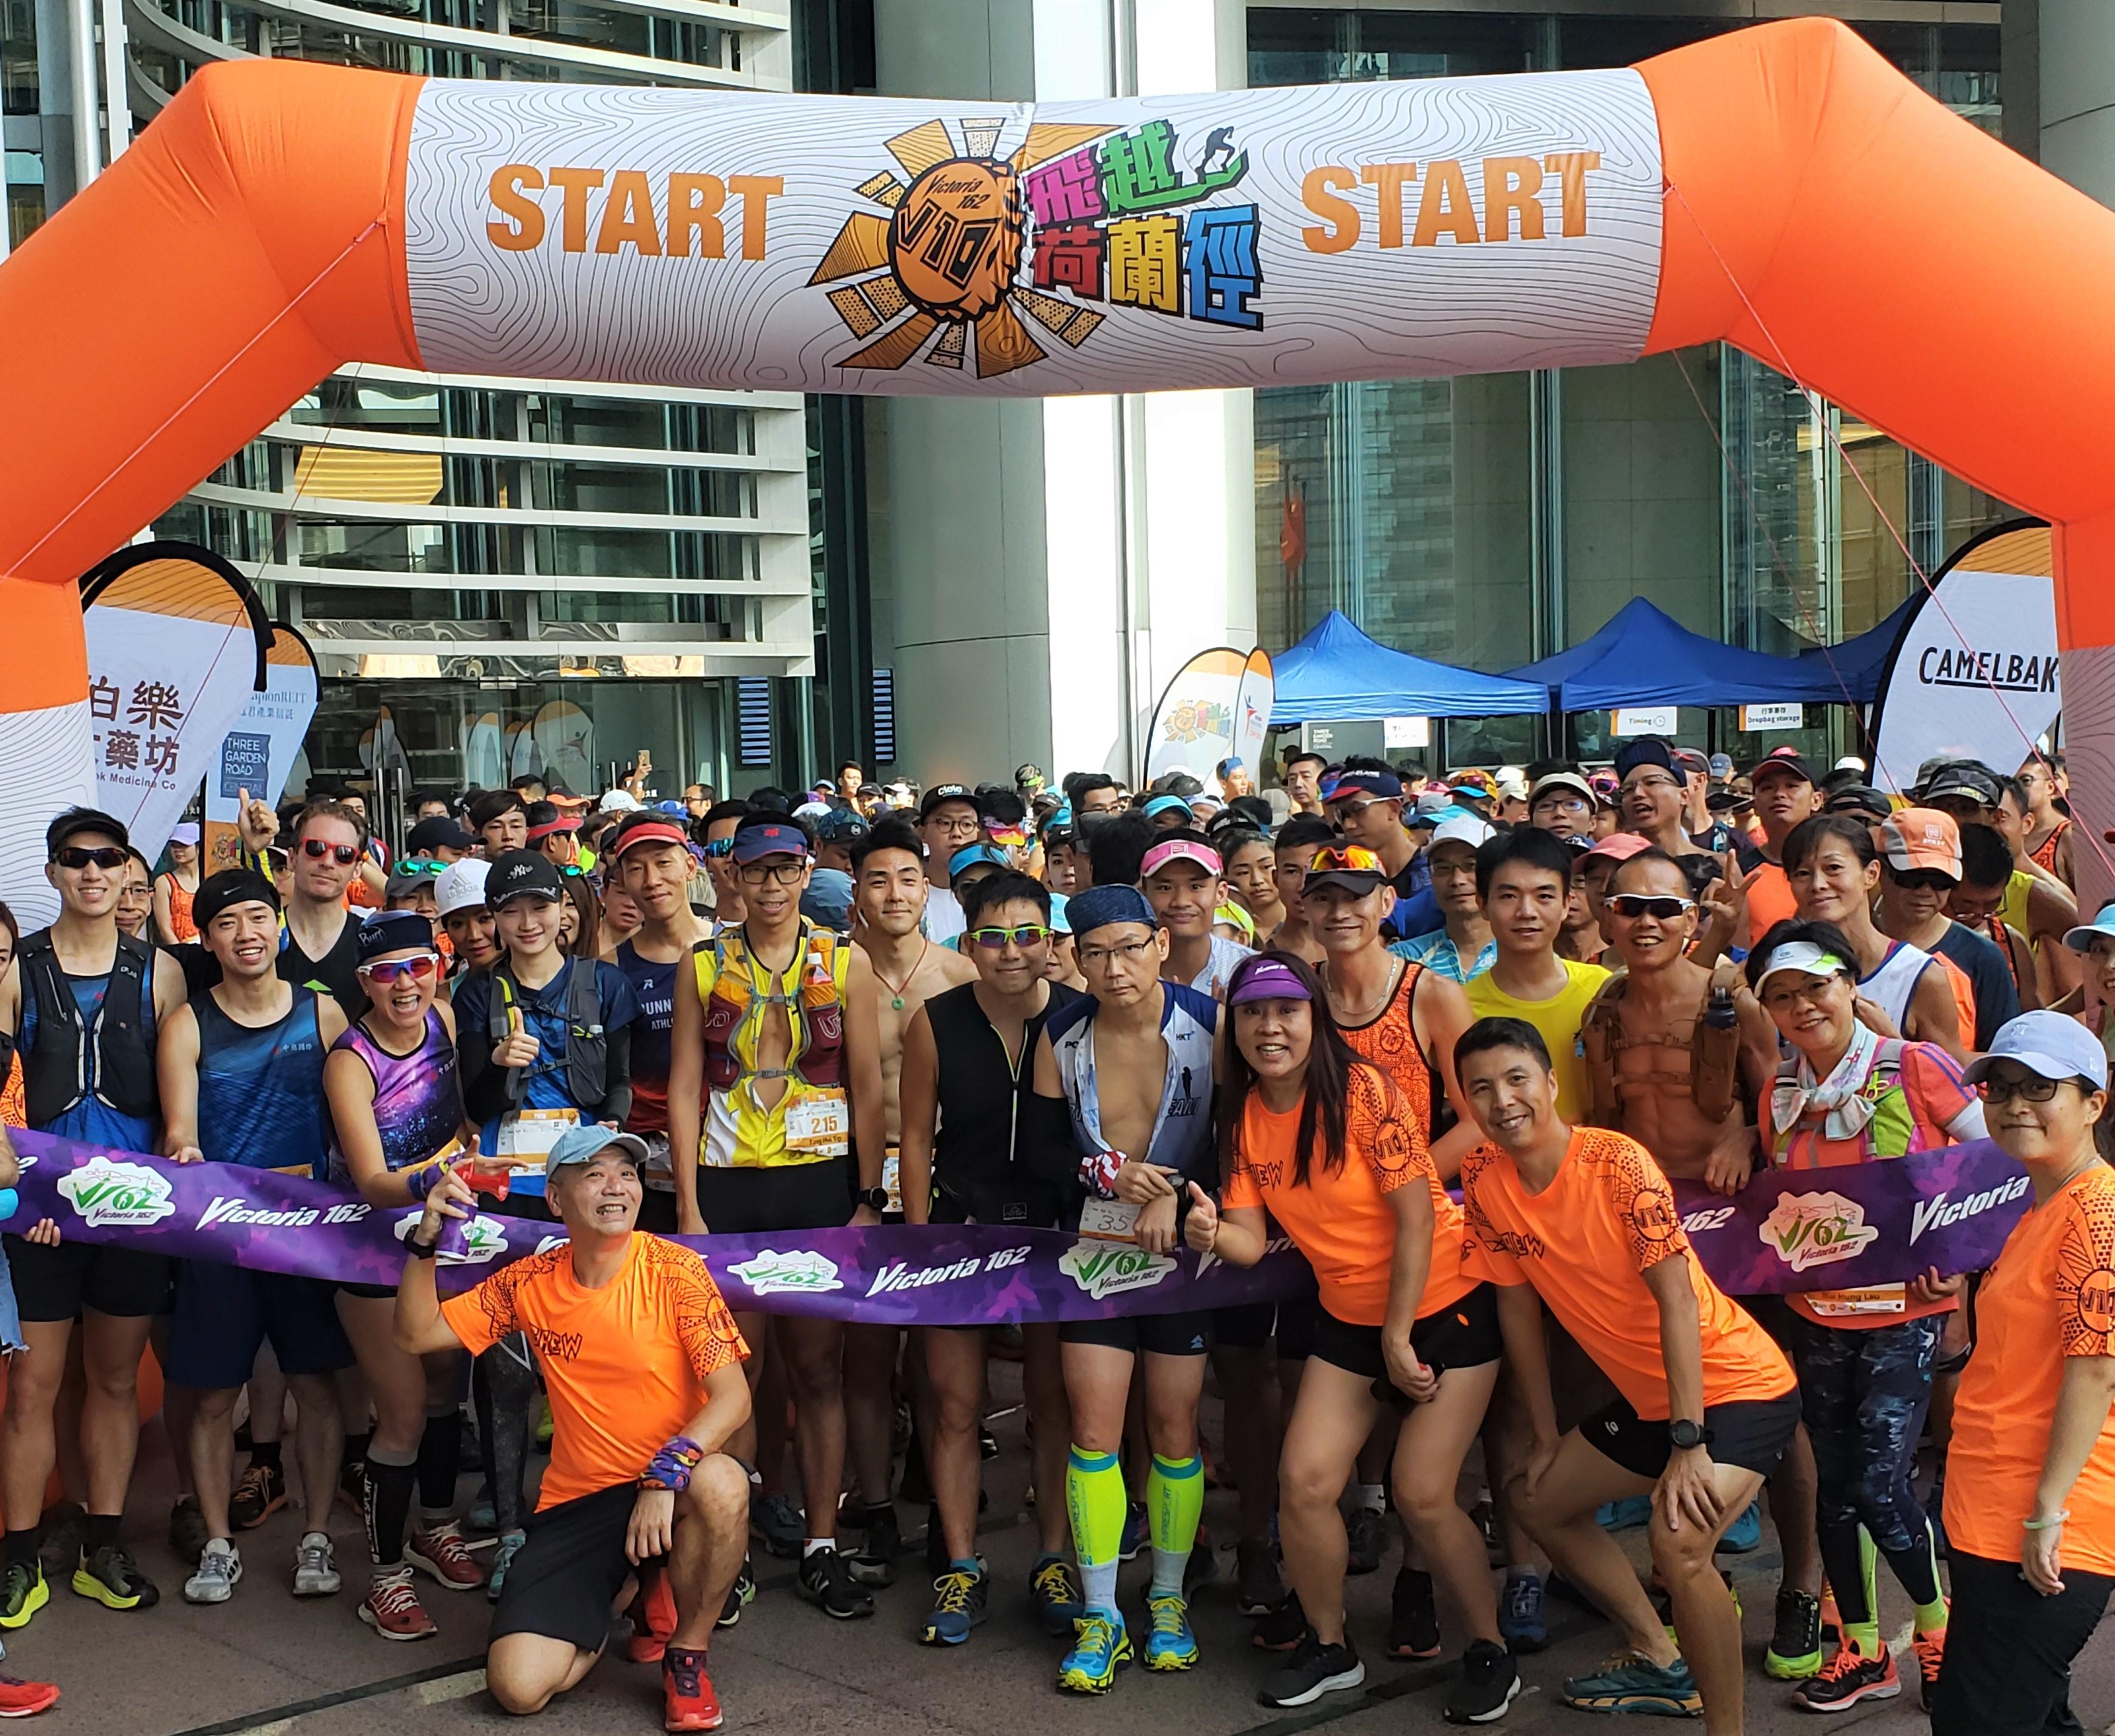 Trail run event (Victoria 10 Dutch Lane)